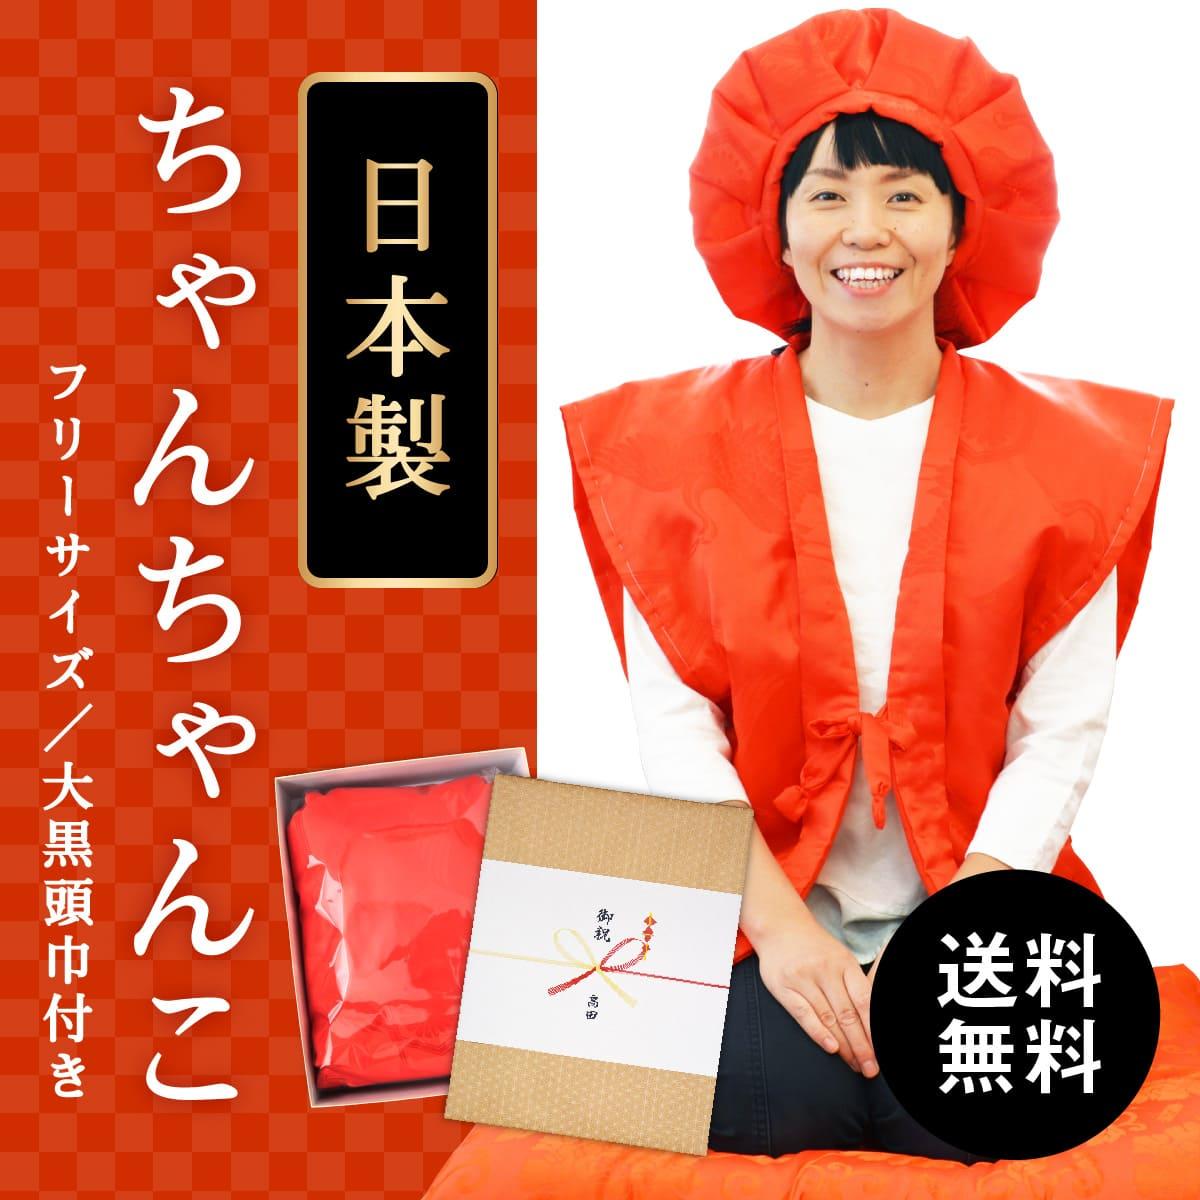 還暦 ちゃんちゃんこ 赤色 亀甲鶴 高品質の日本製 フリーサイズ